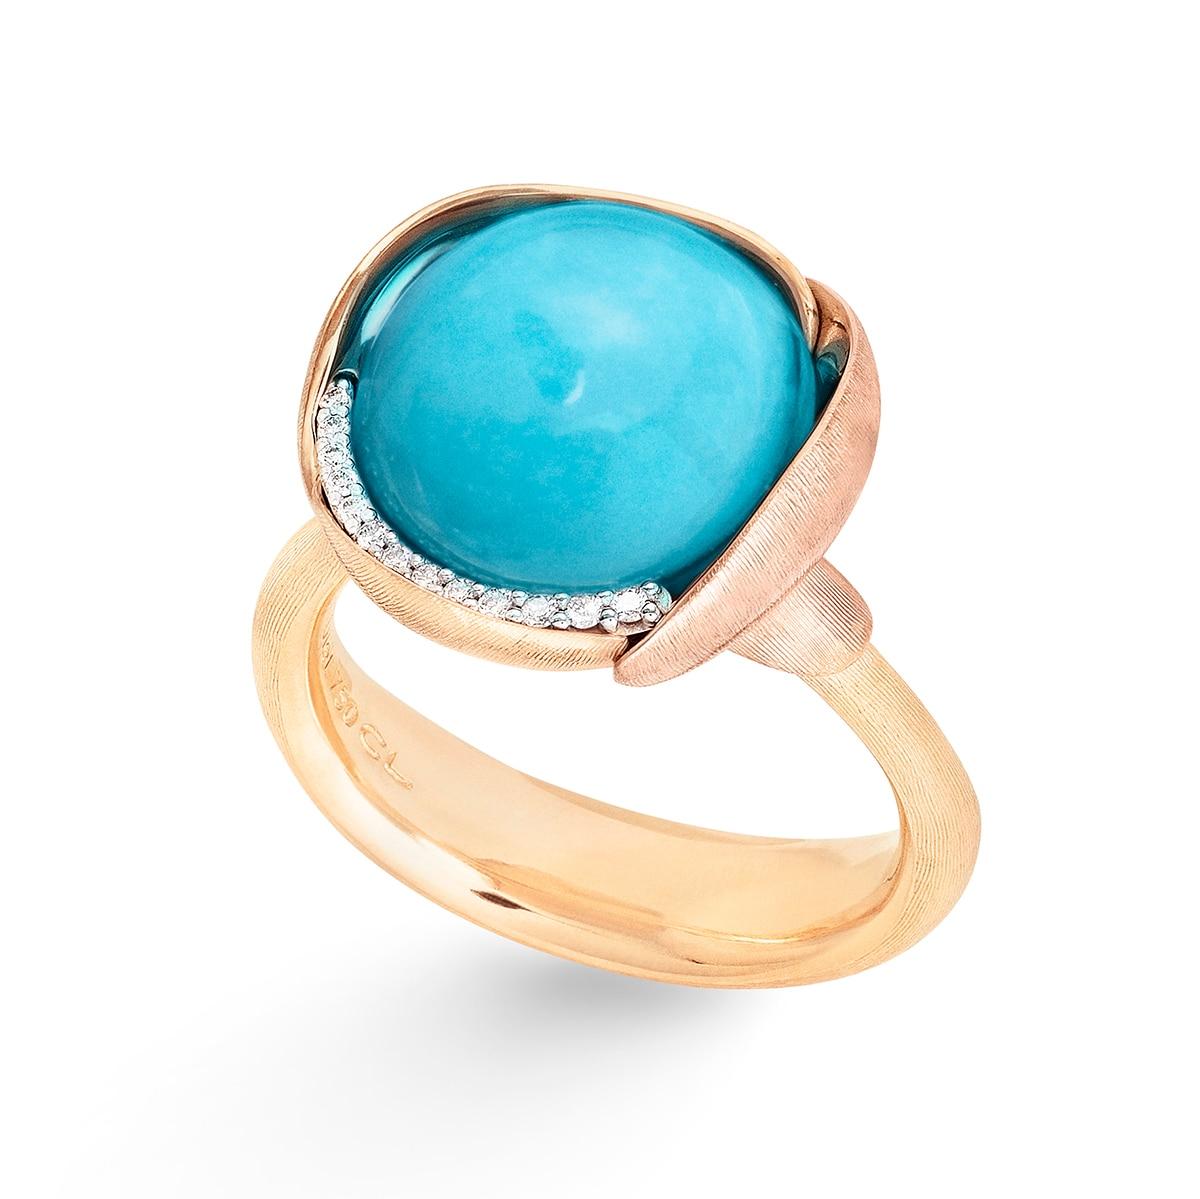 Ole_Lynggaard_Lotus_Ring 3_Turquoise_A2652-425_V3_hos_Jarl_Sandin